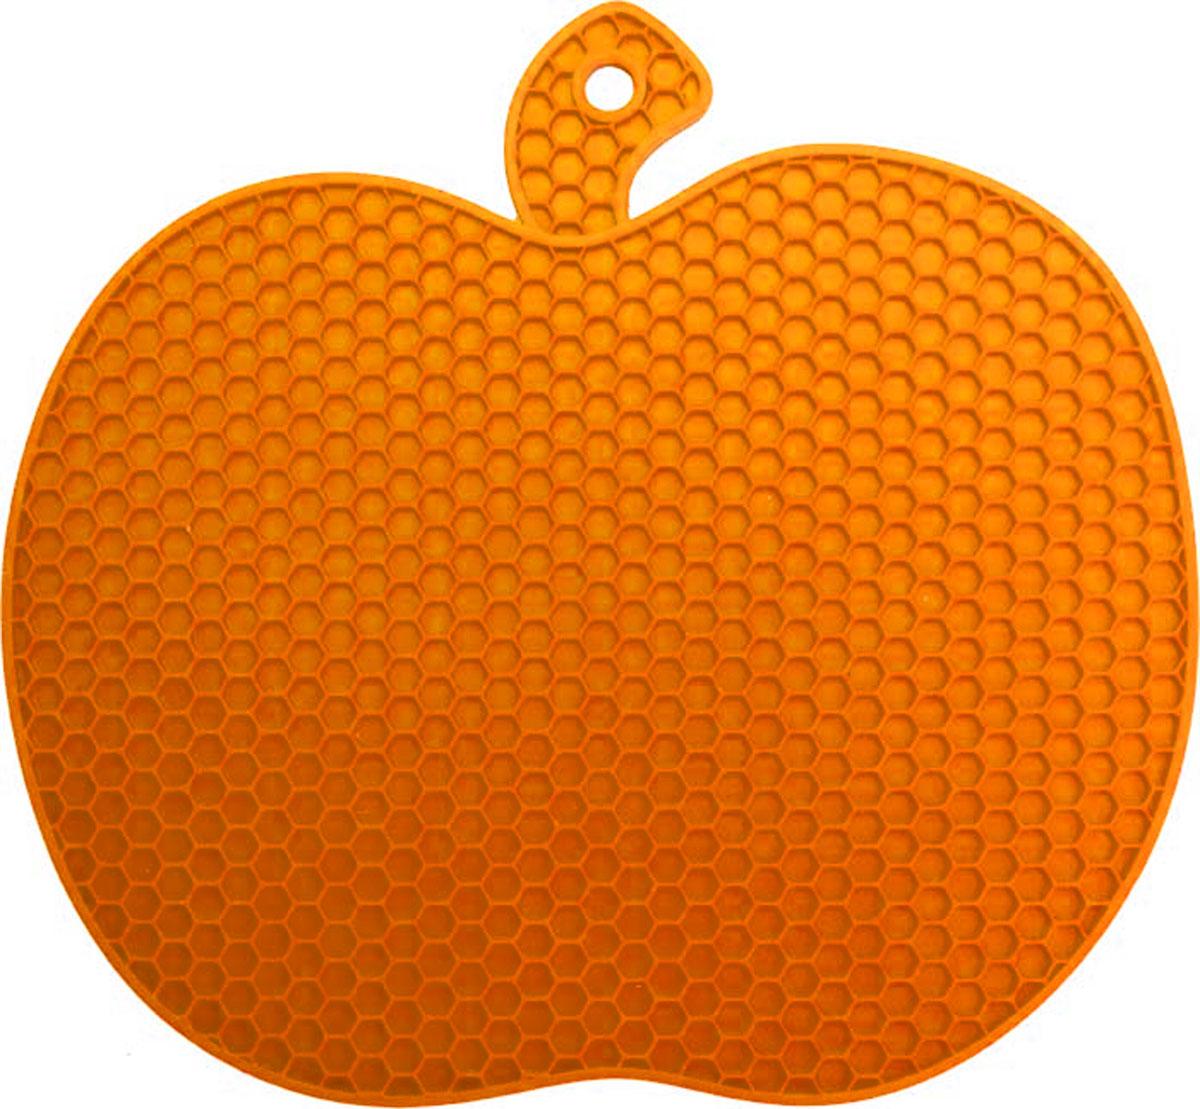 Подставка под горячее Marmiton Яблоко, силиконовая, цвет: оранжевый, 19 х 18 х 0,6 см12134_оранжевыйПодставка под горячее Marmiton Яблоко станет забавным украшением вашей кухни. Подставка изготовлена из силикона, что позволяет ей выдерживать высокие температуры и не поцарапать поверхность стола. Силикон устойчив к фруктовым кислотам, обладает естественным антипригарным свойством Такая подставка придется по вкусу человеку, ценящему практичные и оригинальные вещи. Можно мыть и сушить в посудомоечной машине. Размер подставки: 19 х 18 х 0,6 см.